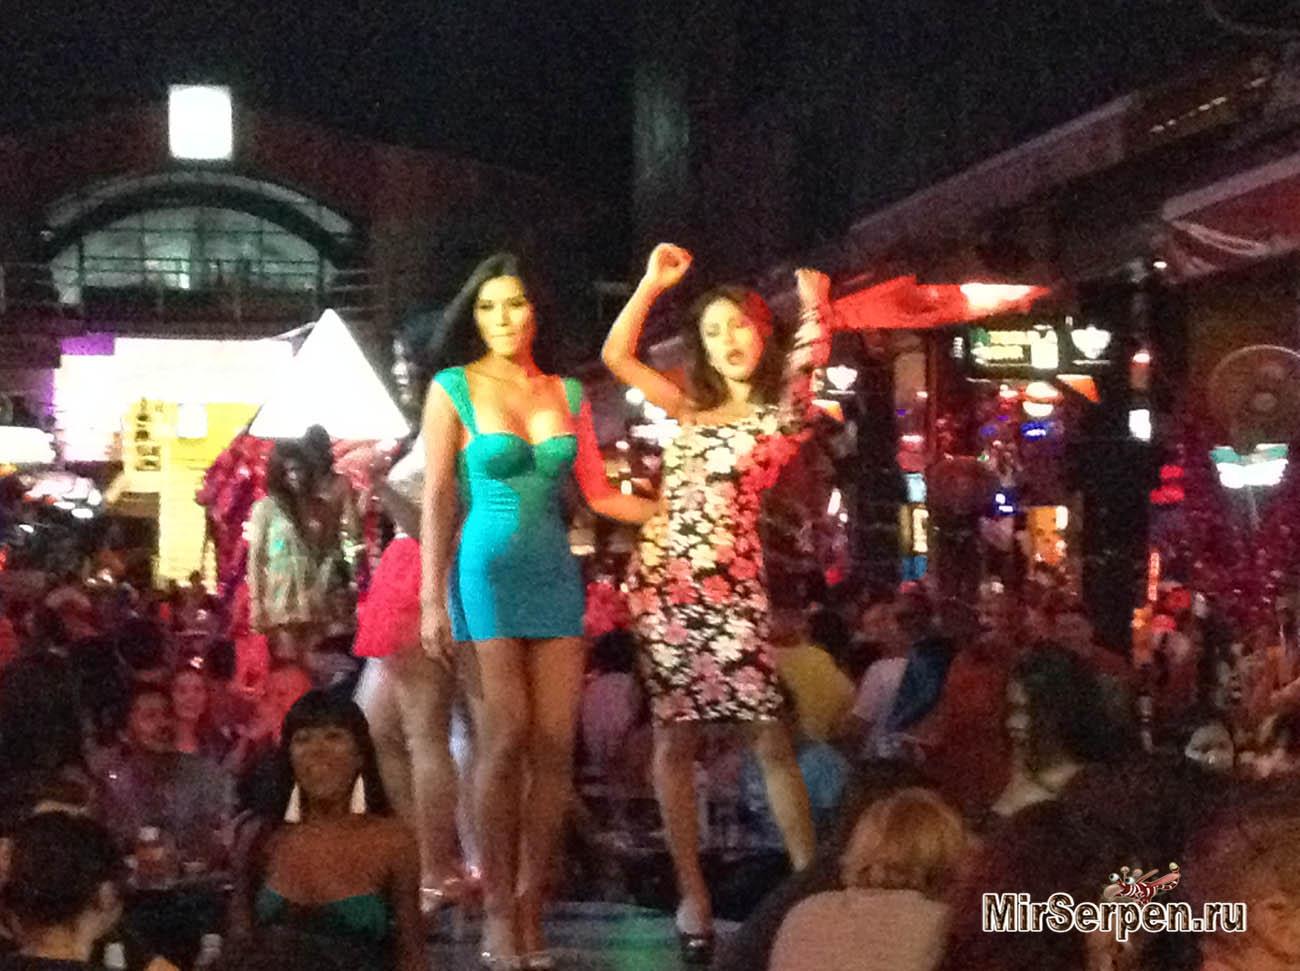 Photo of Про Таиланд: ladyboy detected в самом обычном go-go баре!